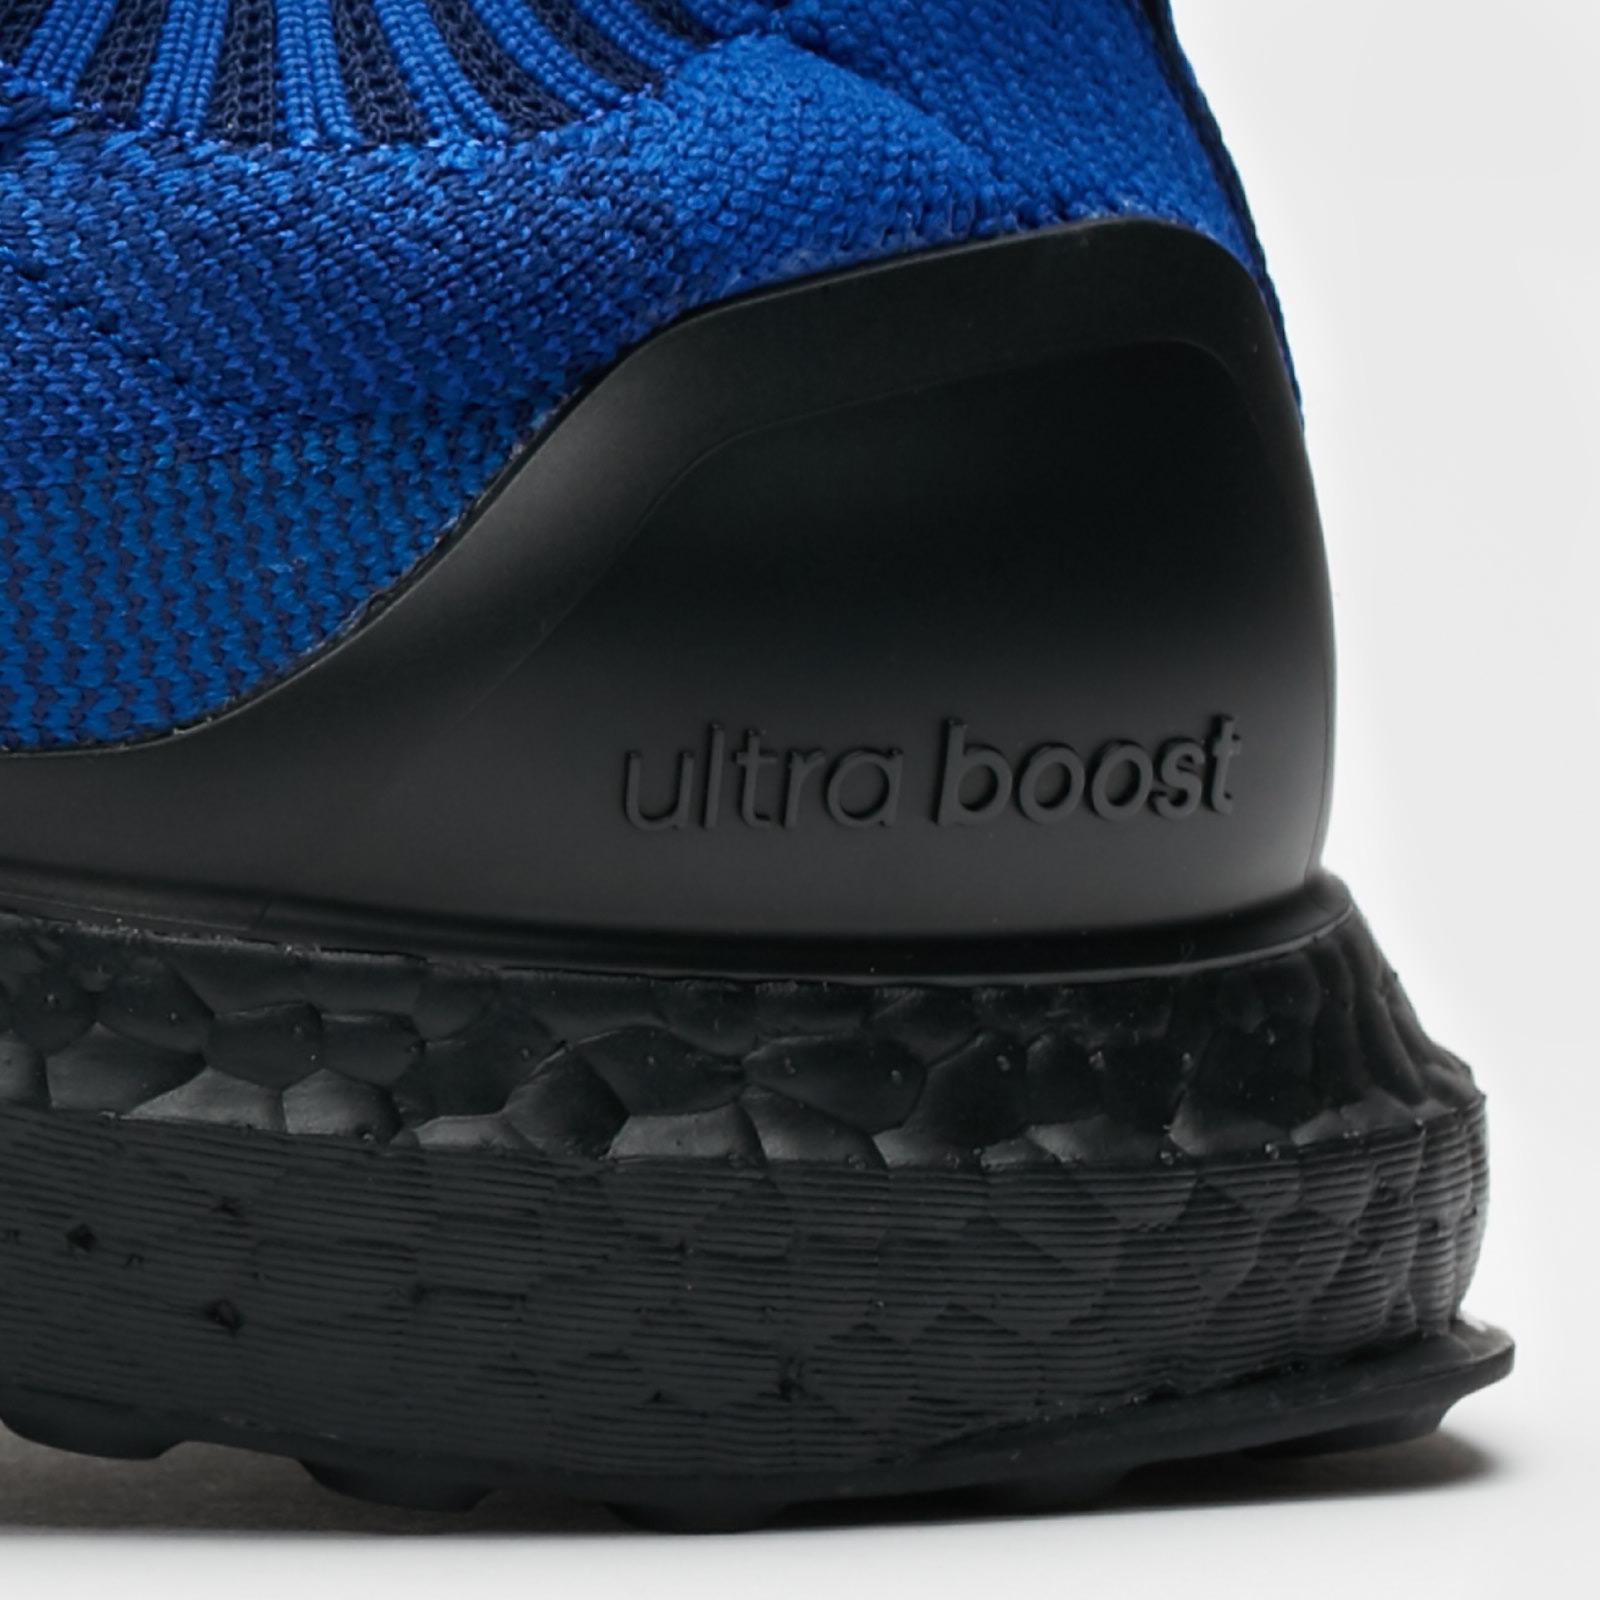 03a31ee815436 adidas UltraBOOST x Études - D97732 - Sneakersnstuff